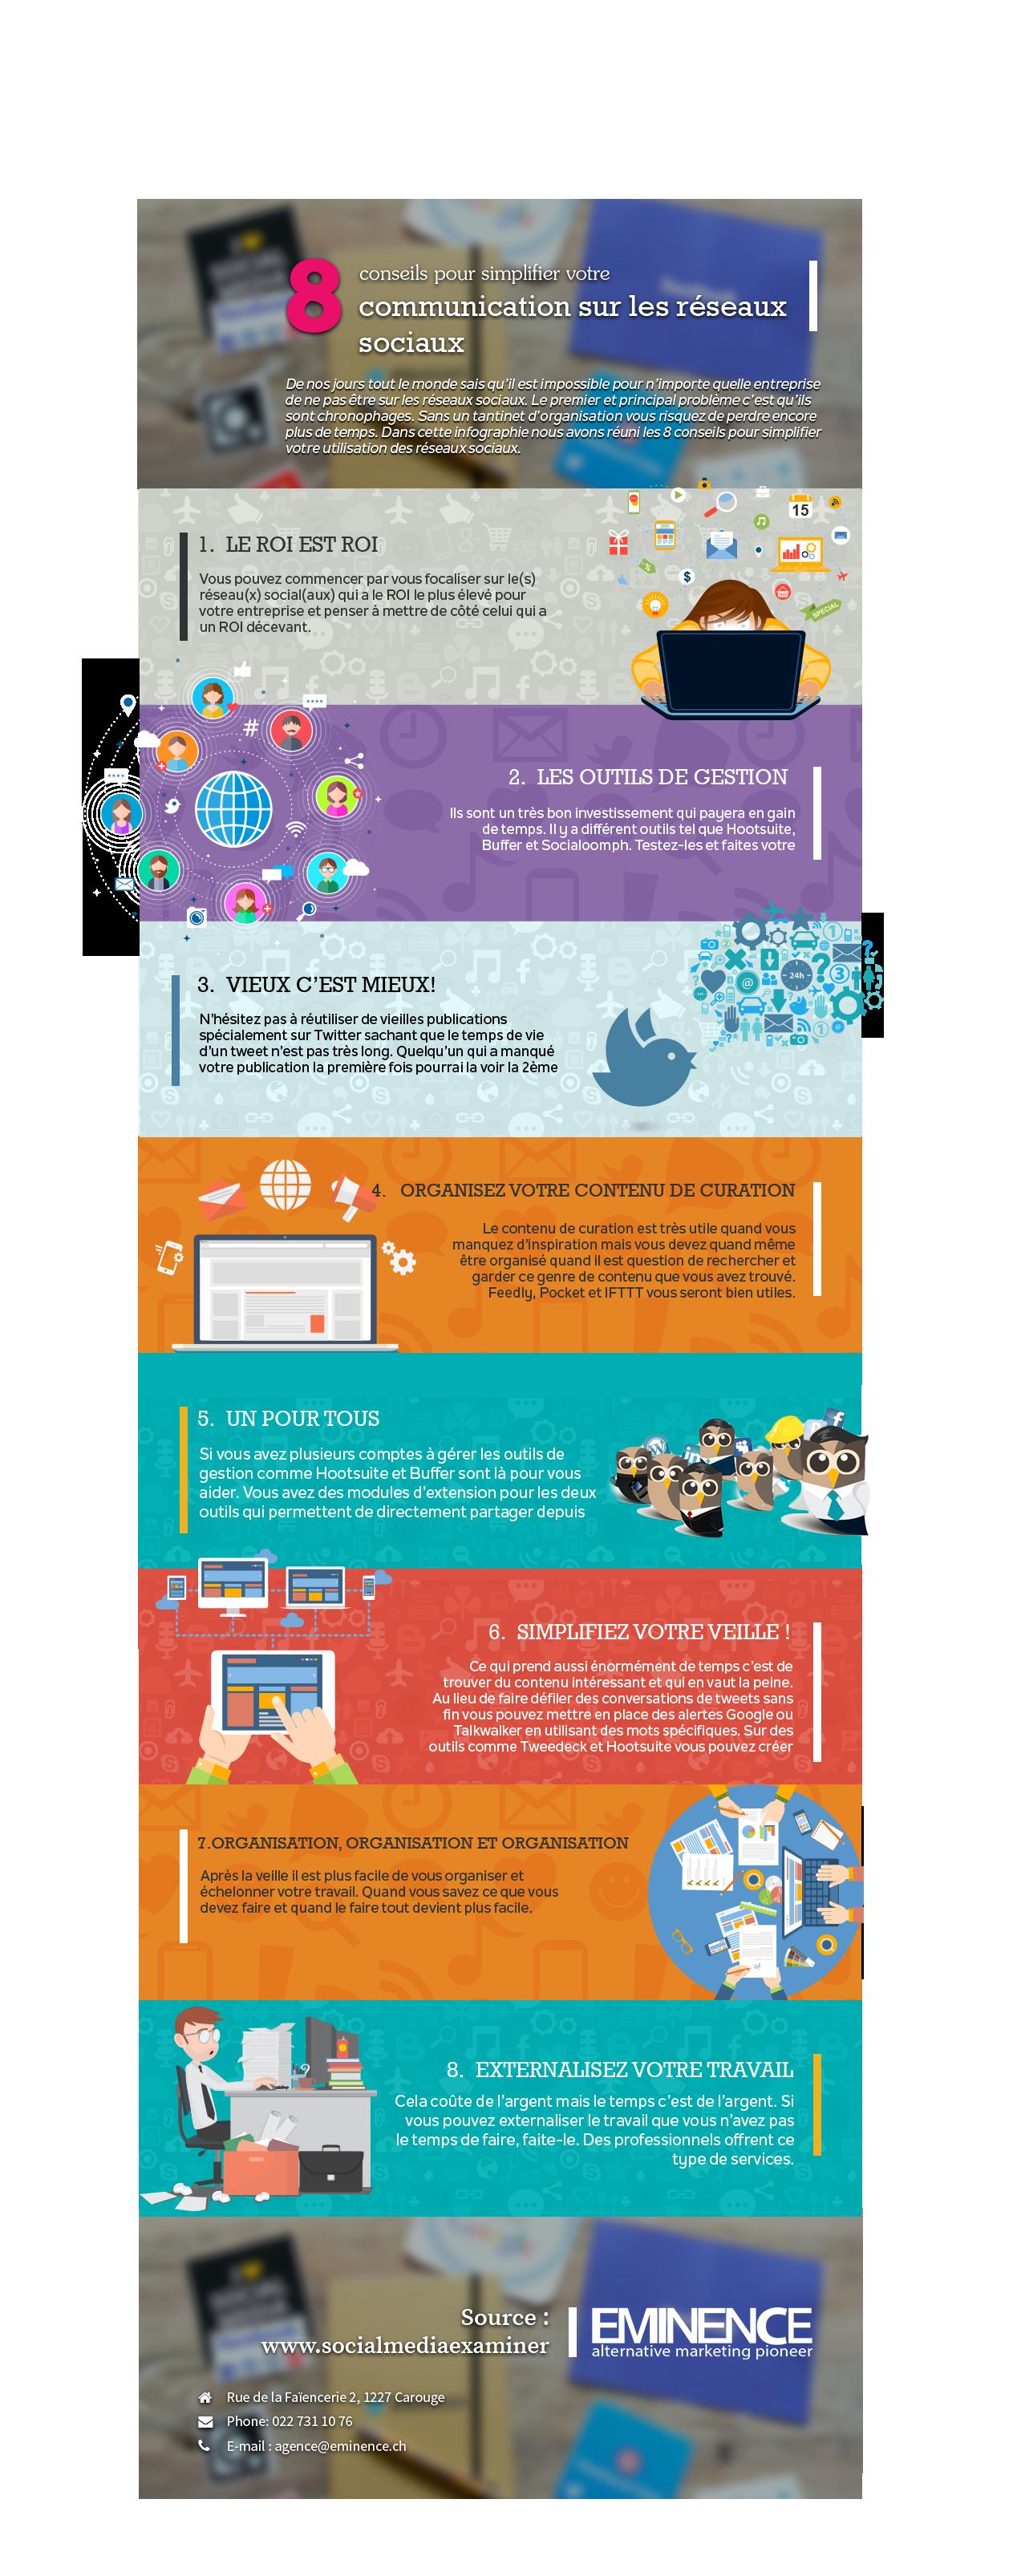 8 conseils pour simplifier votre communication sur les réseaux sociaux